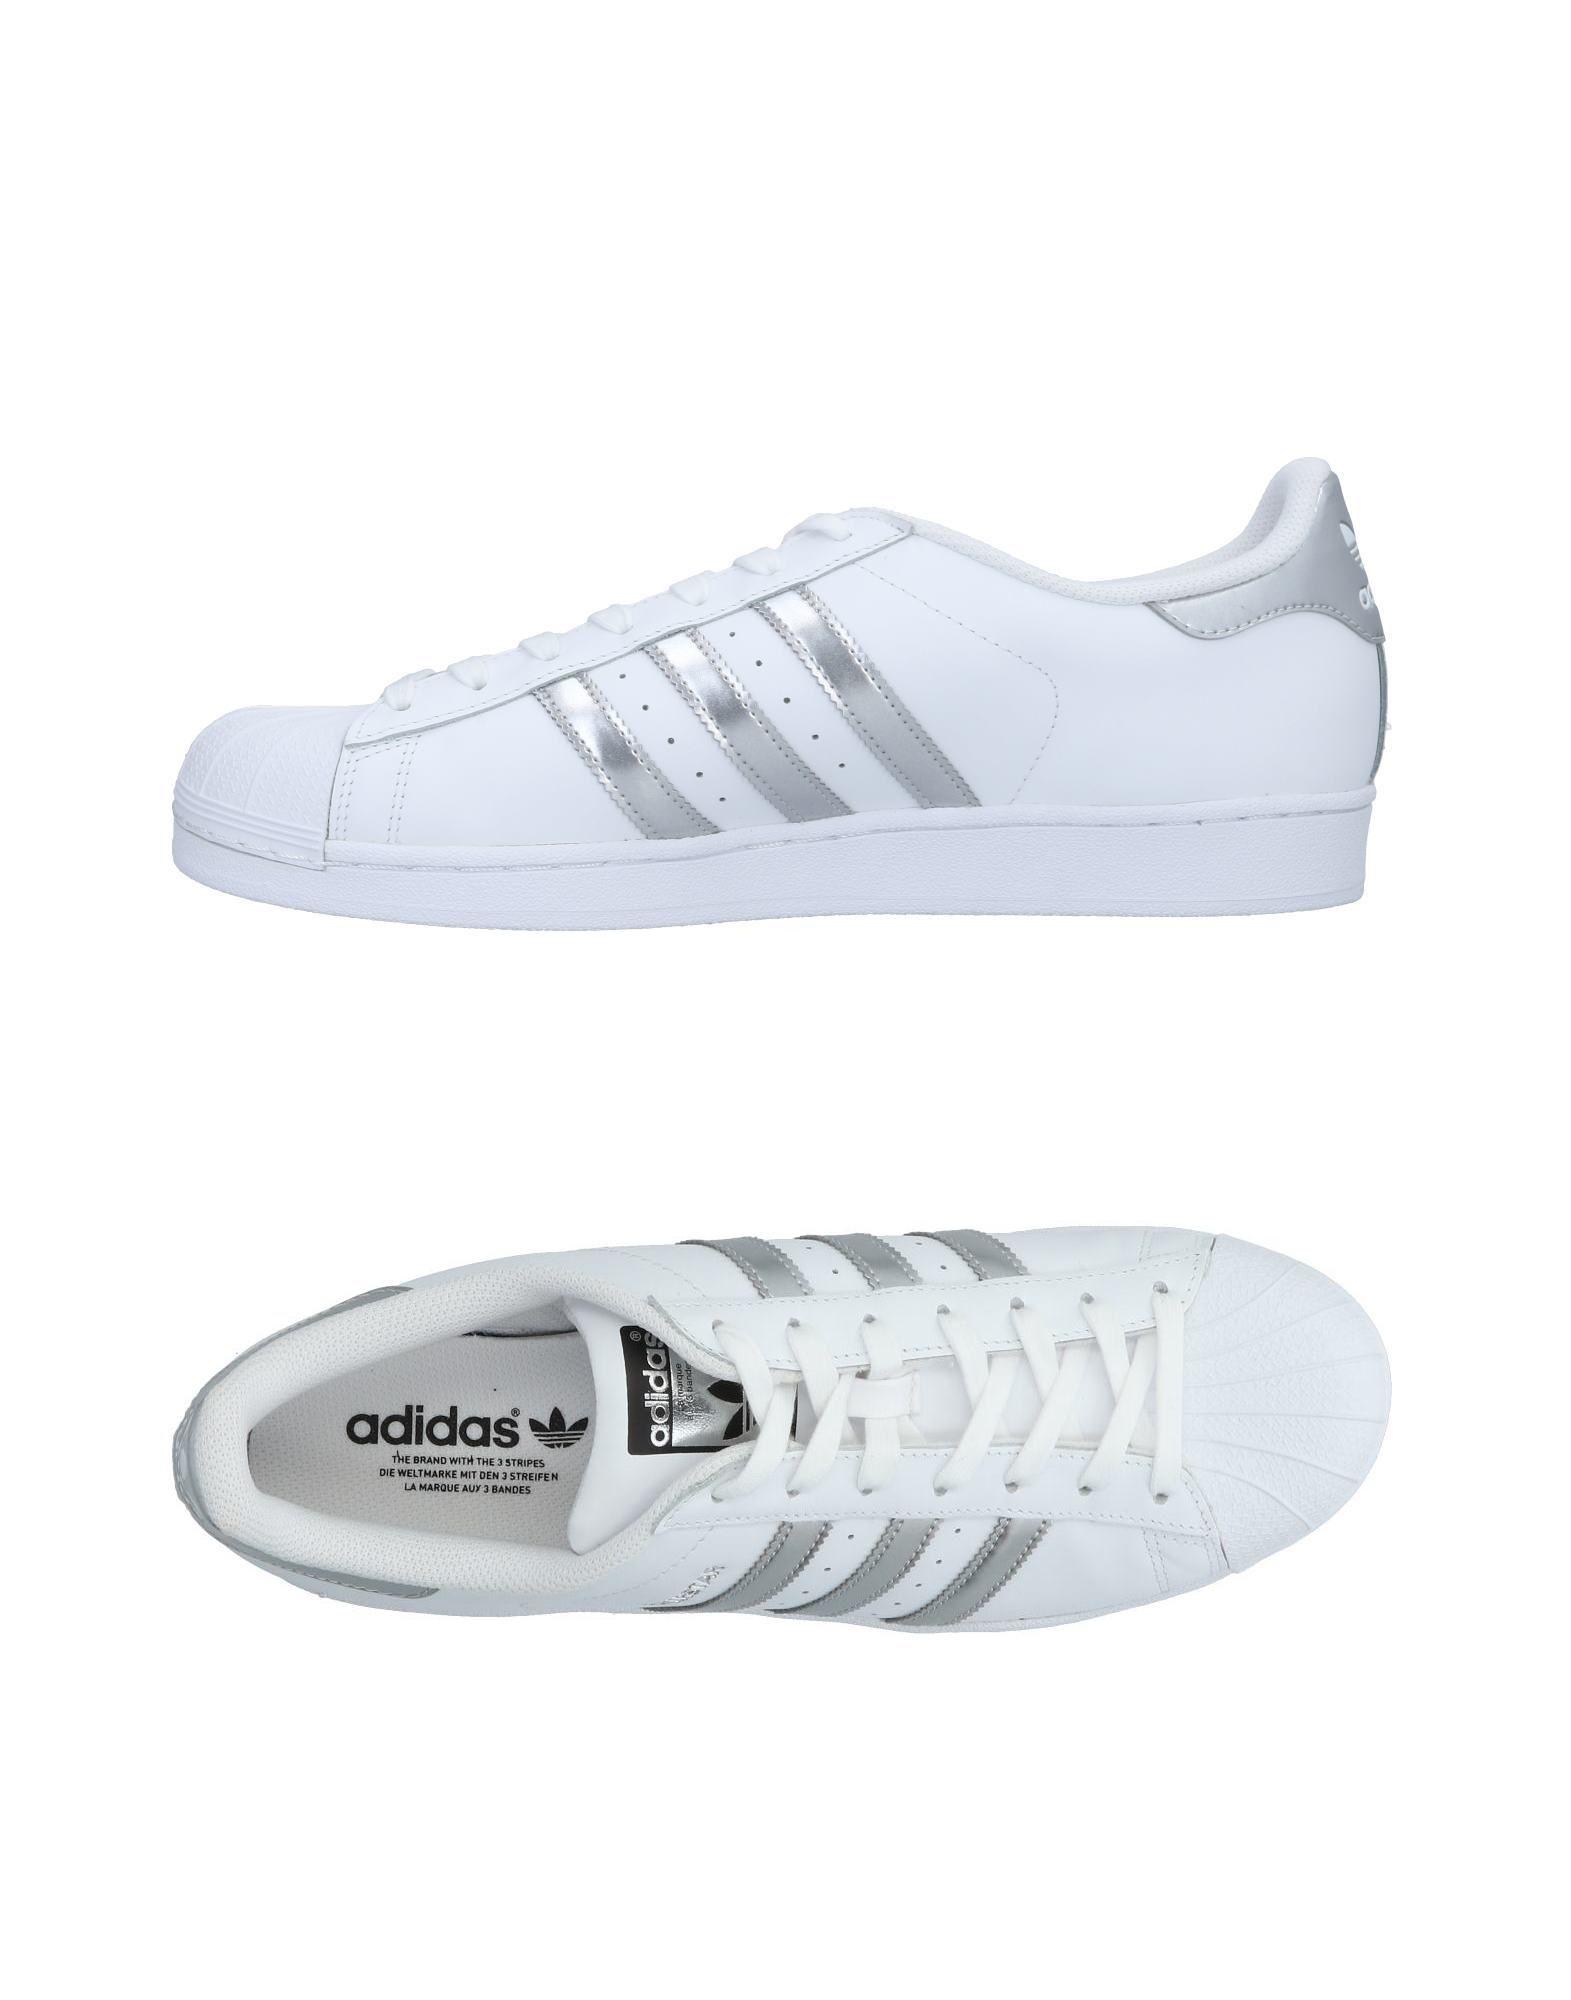 Adidas Originals Uomo - 11496846FD